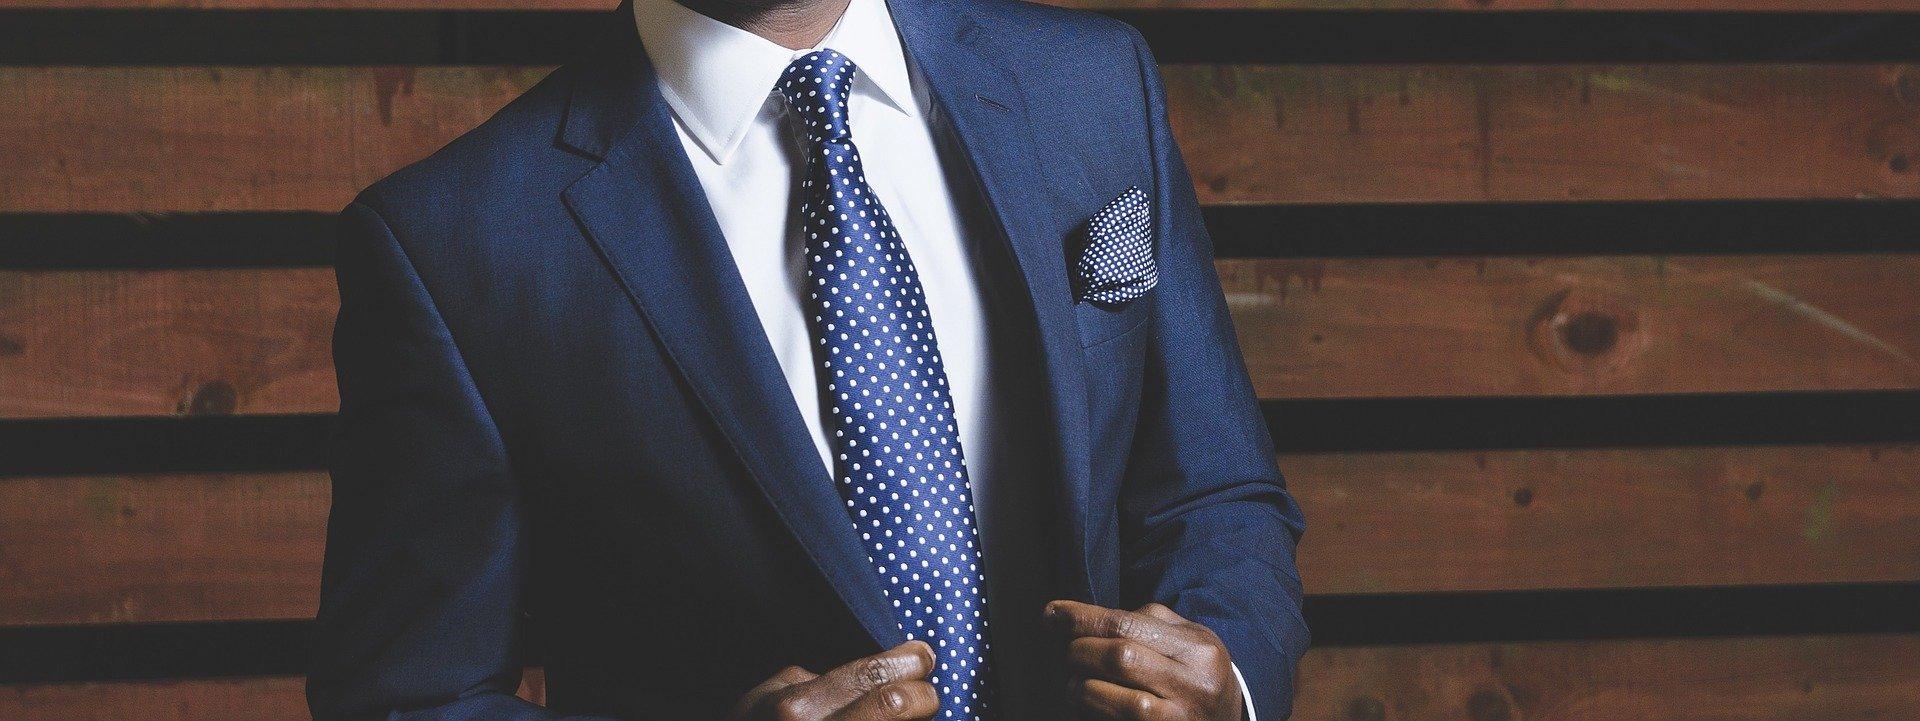 El Interim Management, una oportunidad profesional en tiempos de crisis